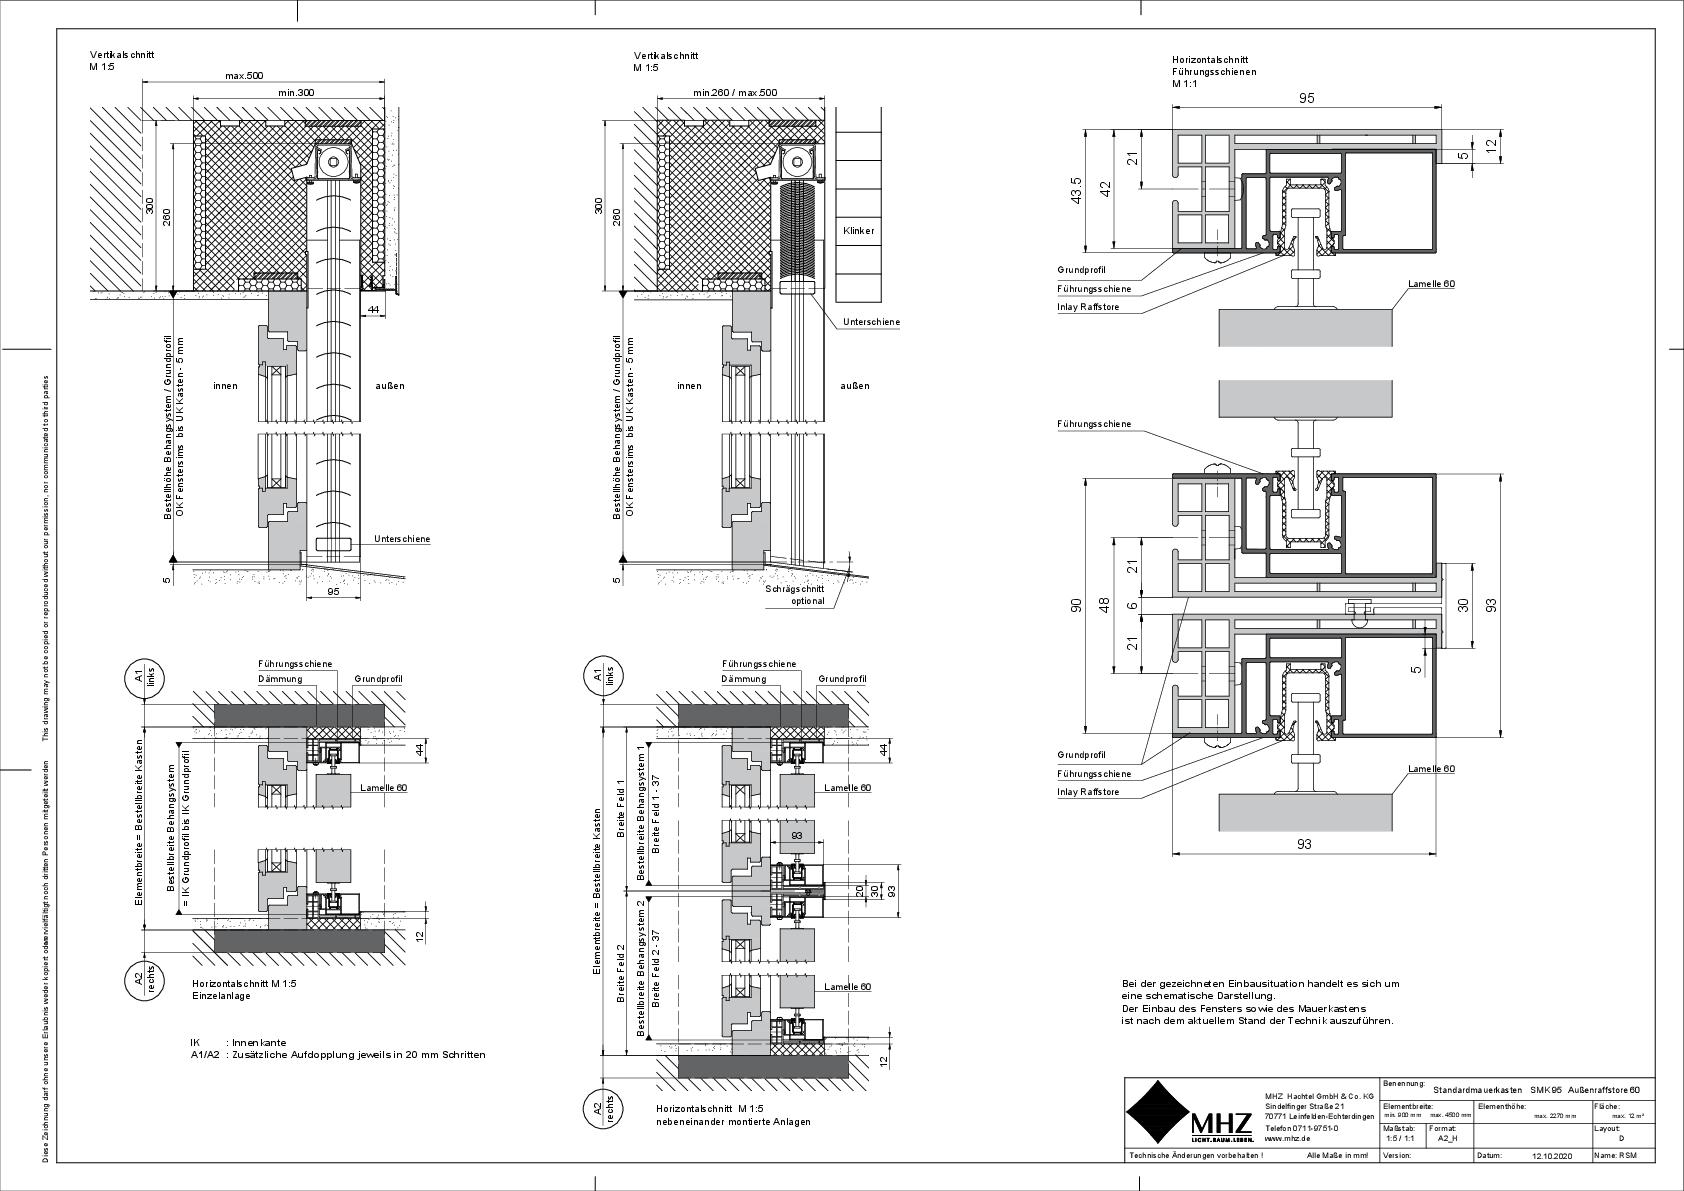 Technische Zeichnung Mauerkasten SMK_95 Außenraffstore 60 (pdf)